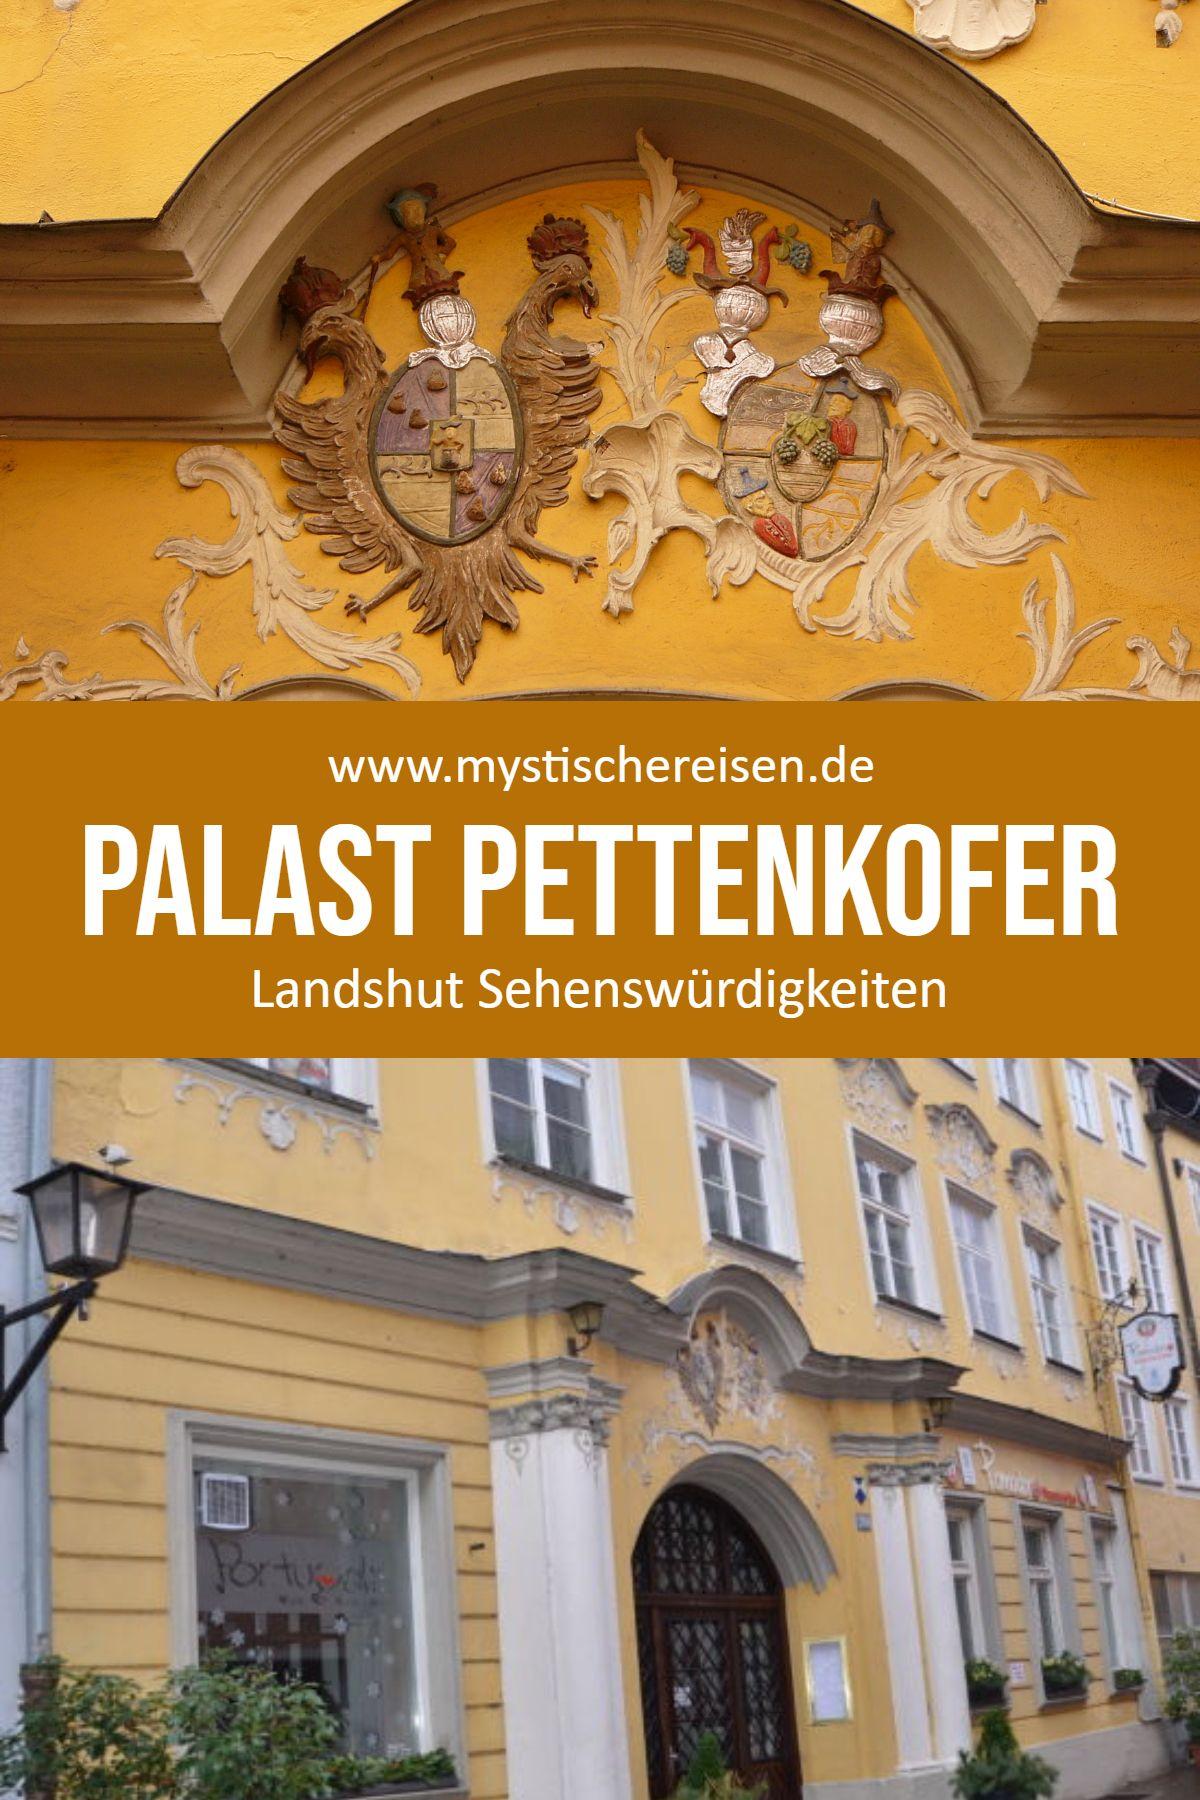 Palast Pettenkofer Landshut Landshut Sehenswurdigkeiten Stadt In Bayern